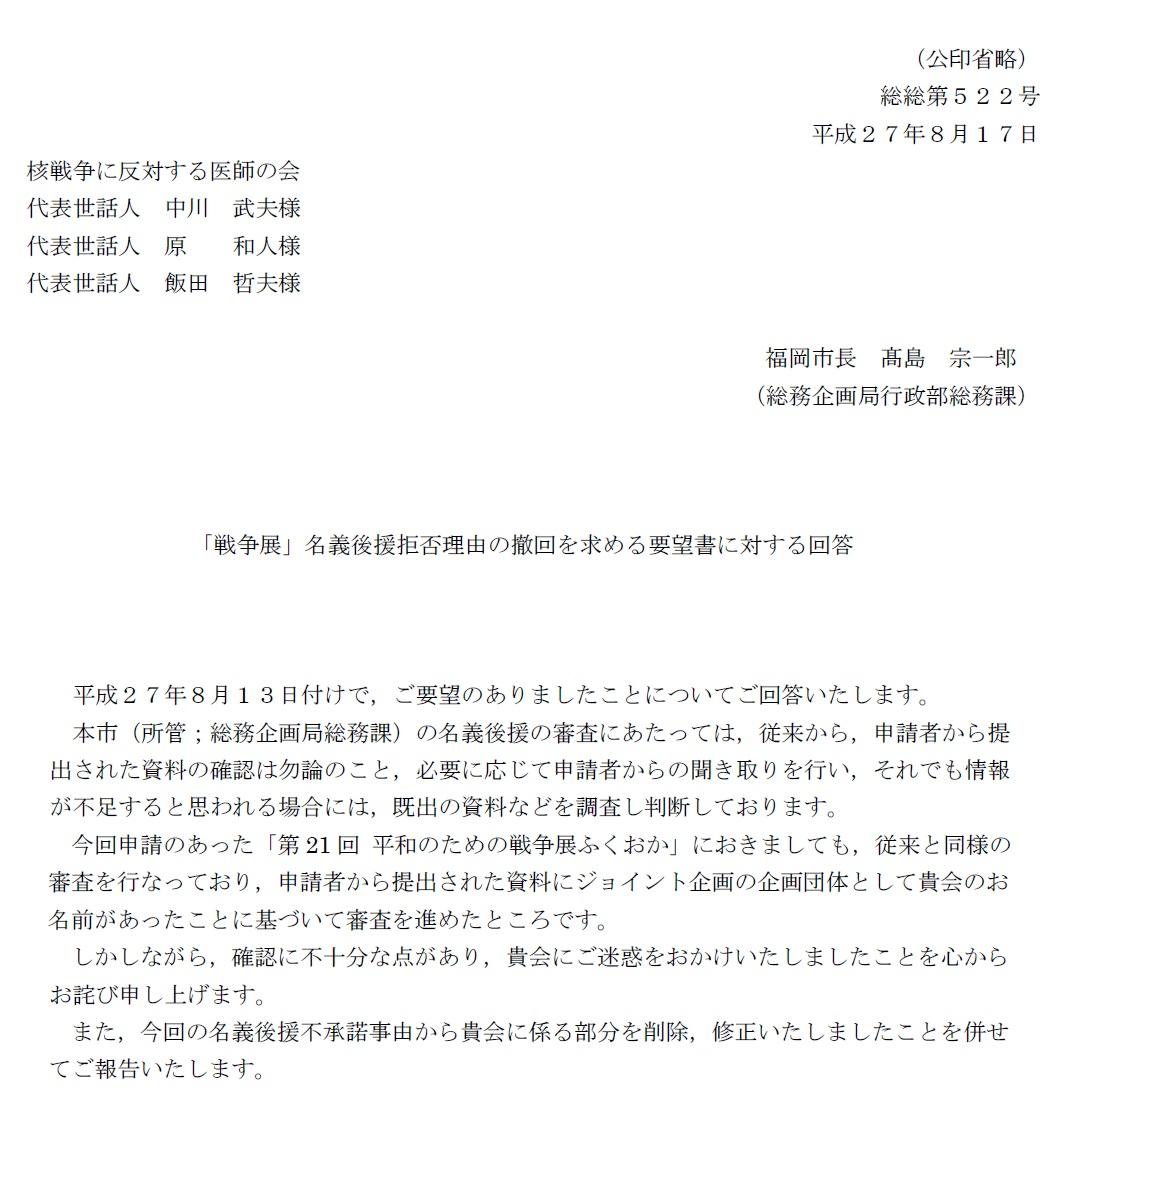 福岡市がお詫び